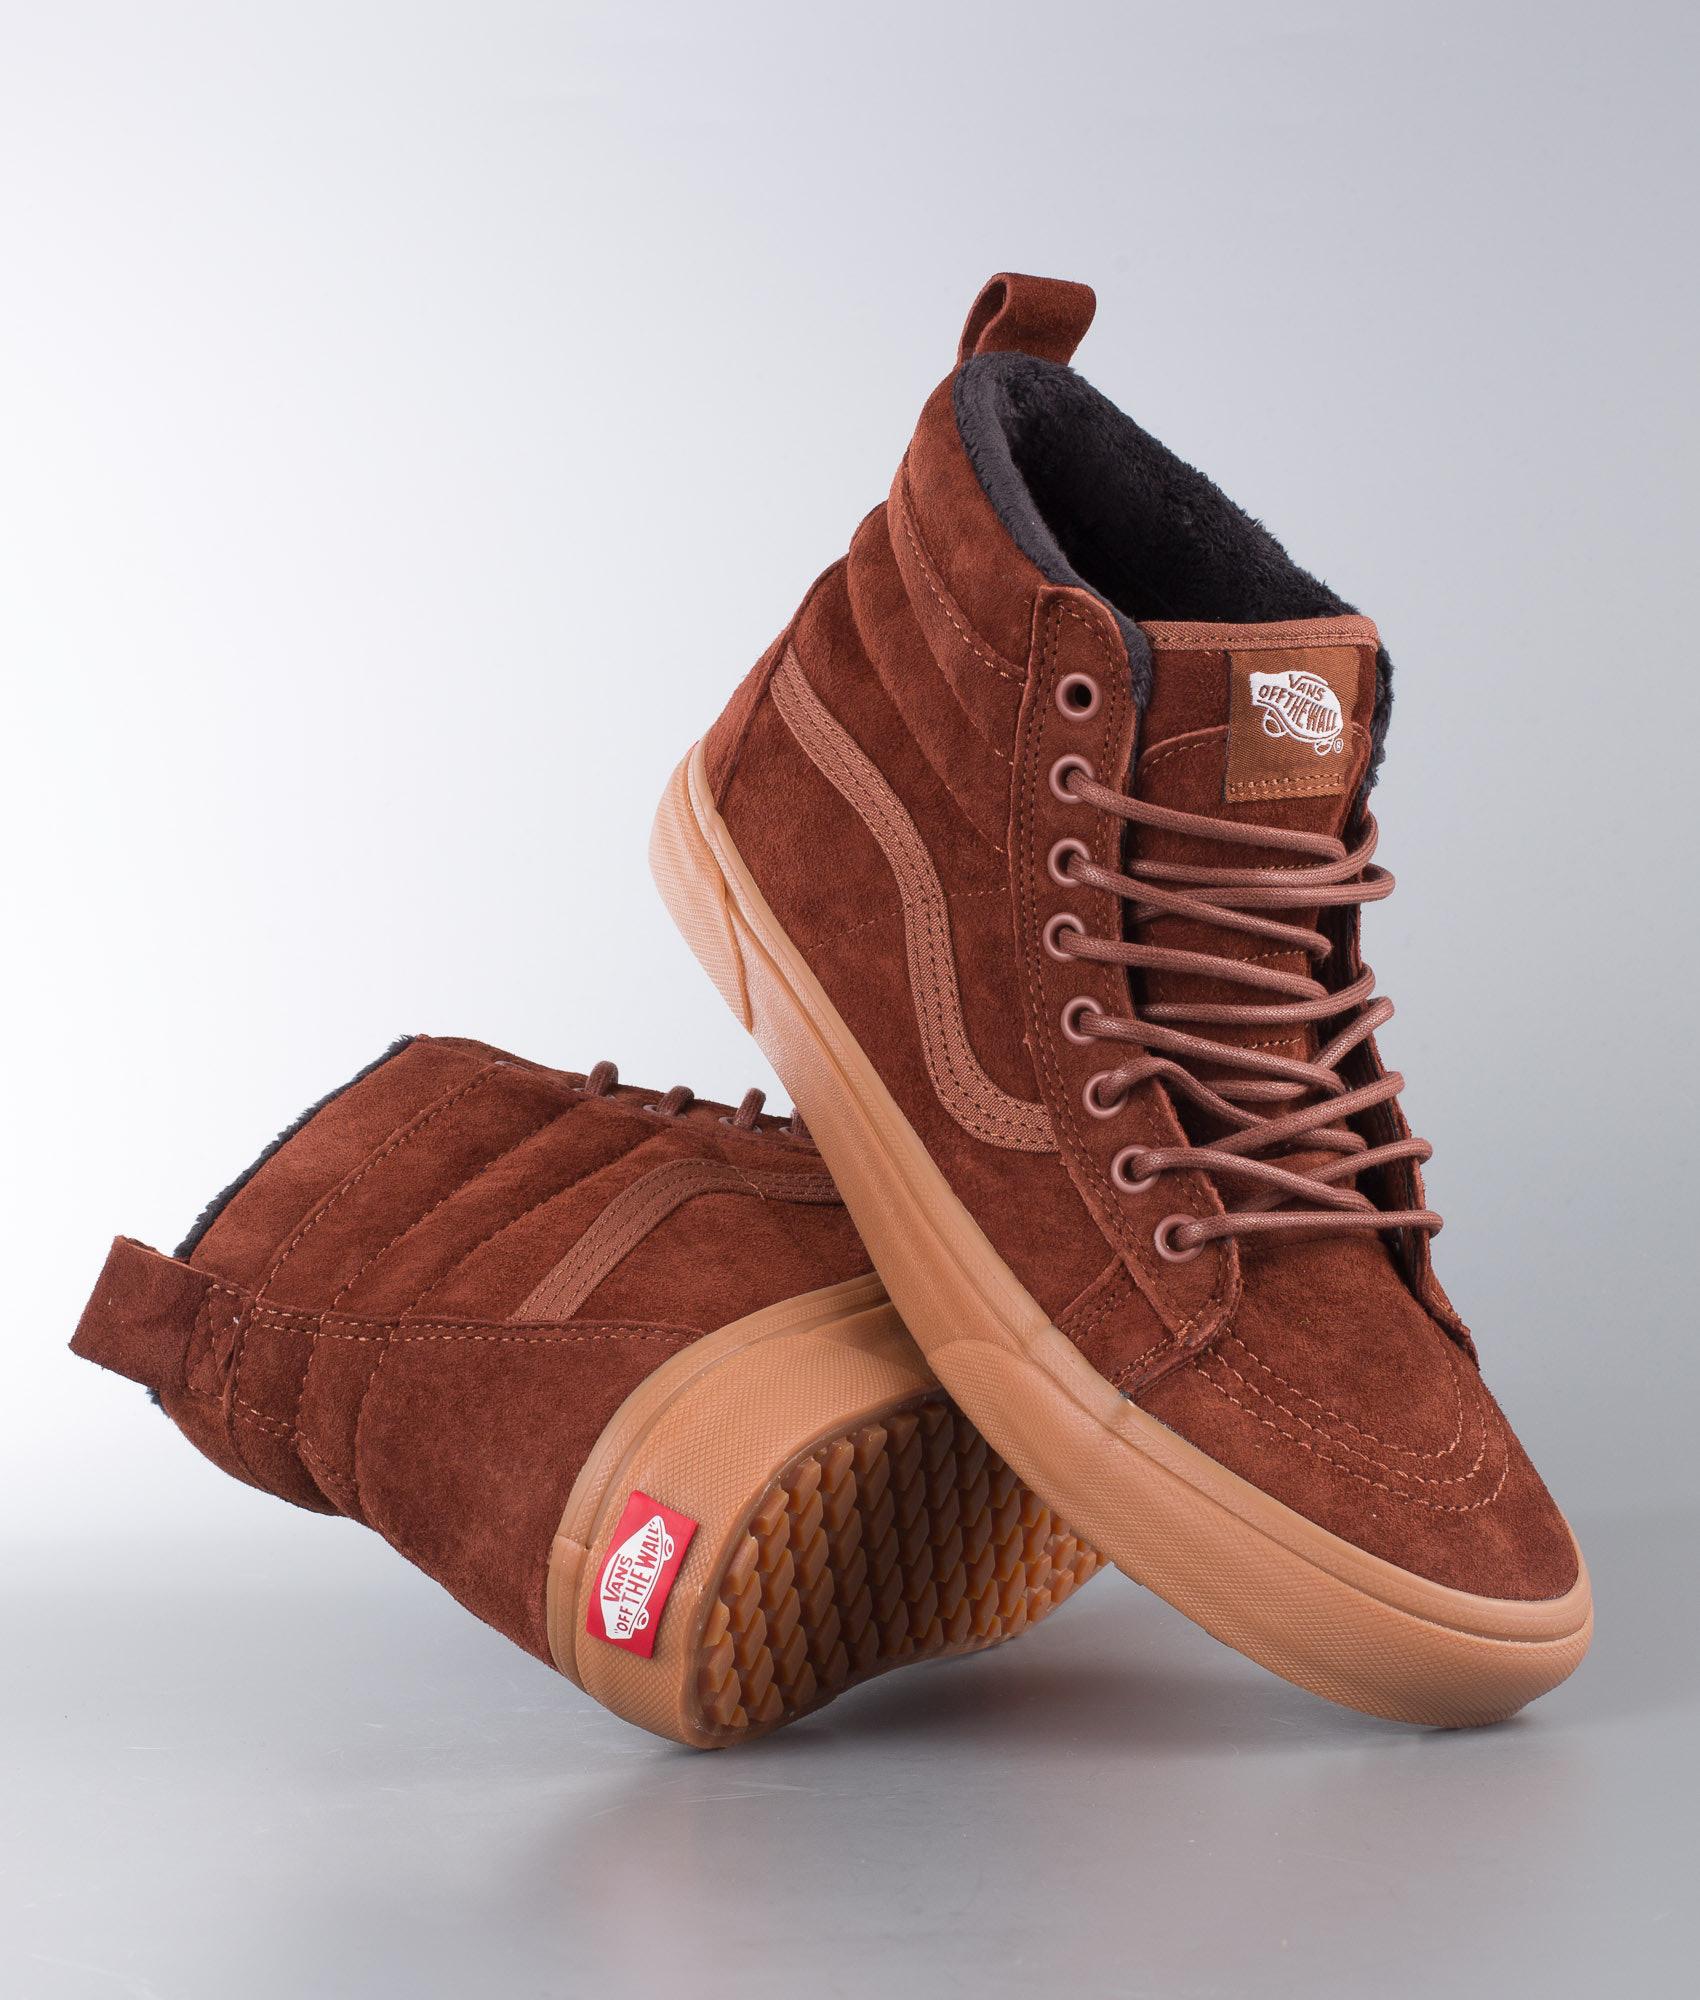 Vans Sk8-Hi Mte Shoes (Mte) Sequoia Gum - Ridestore.com 30f54f12cda